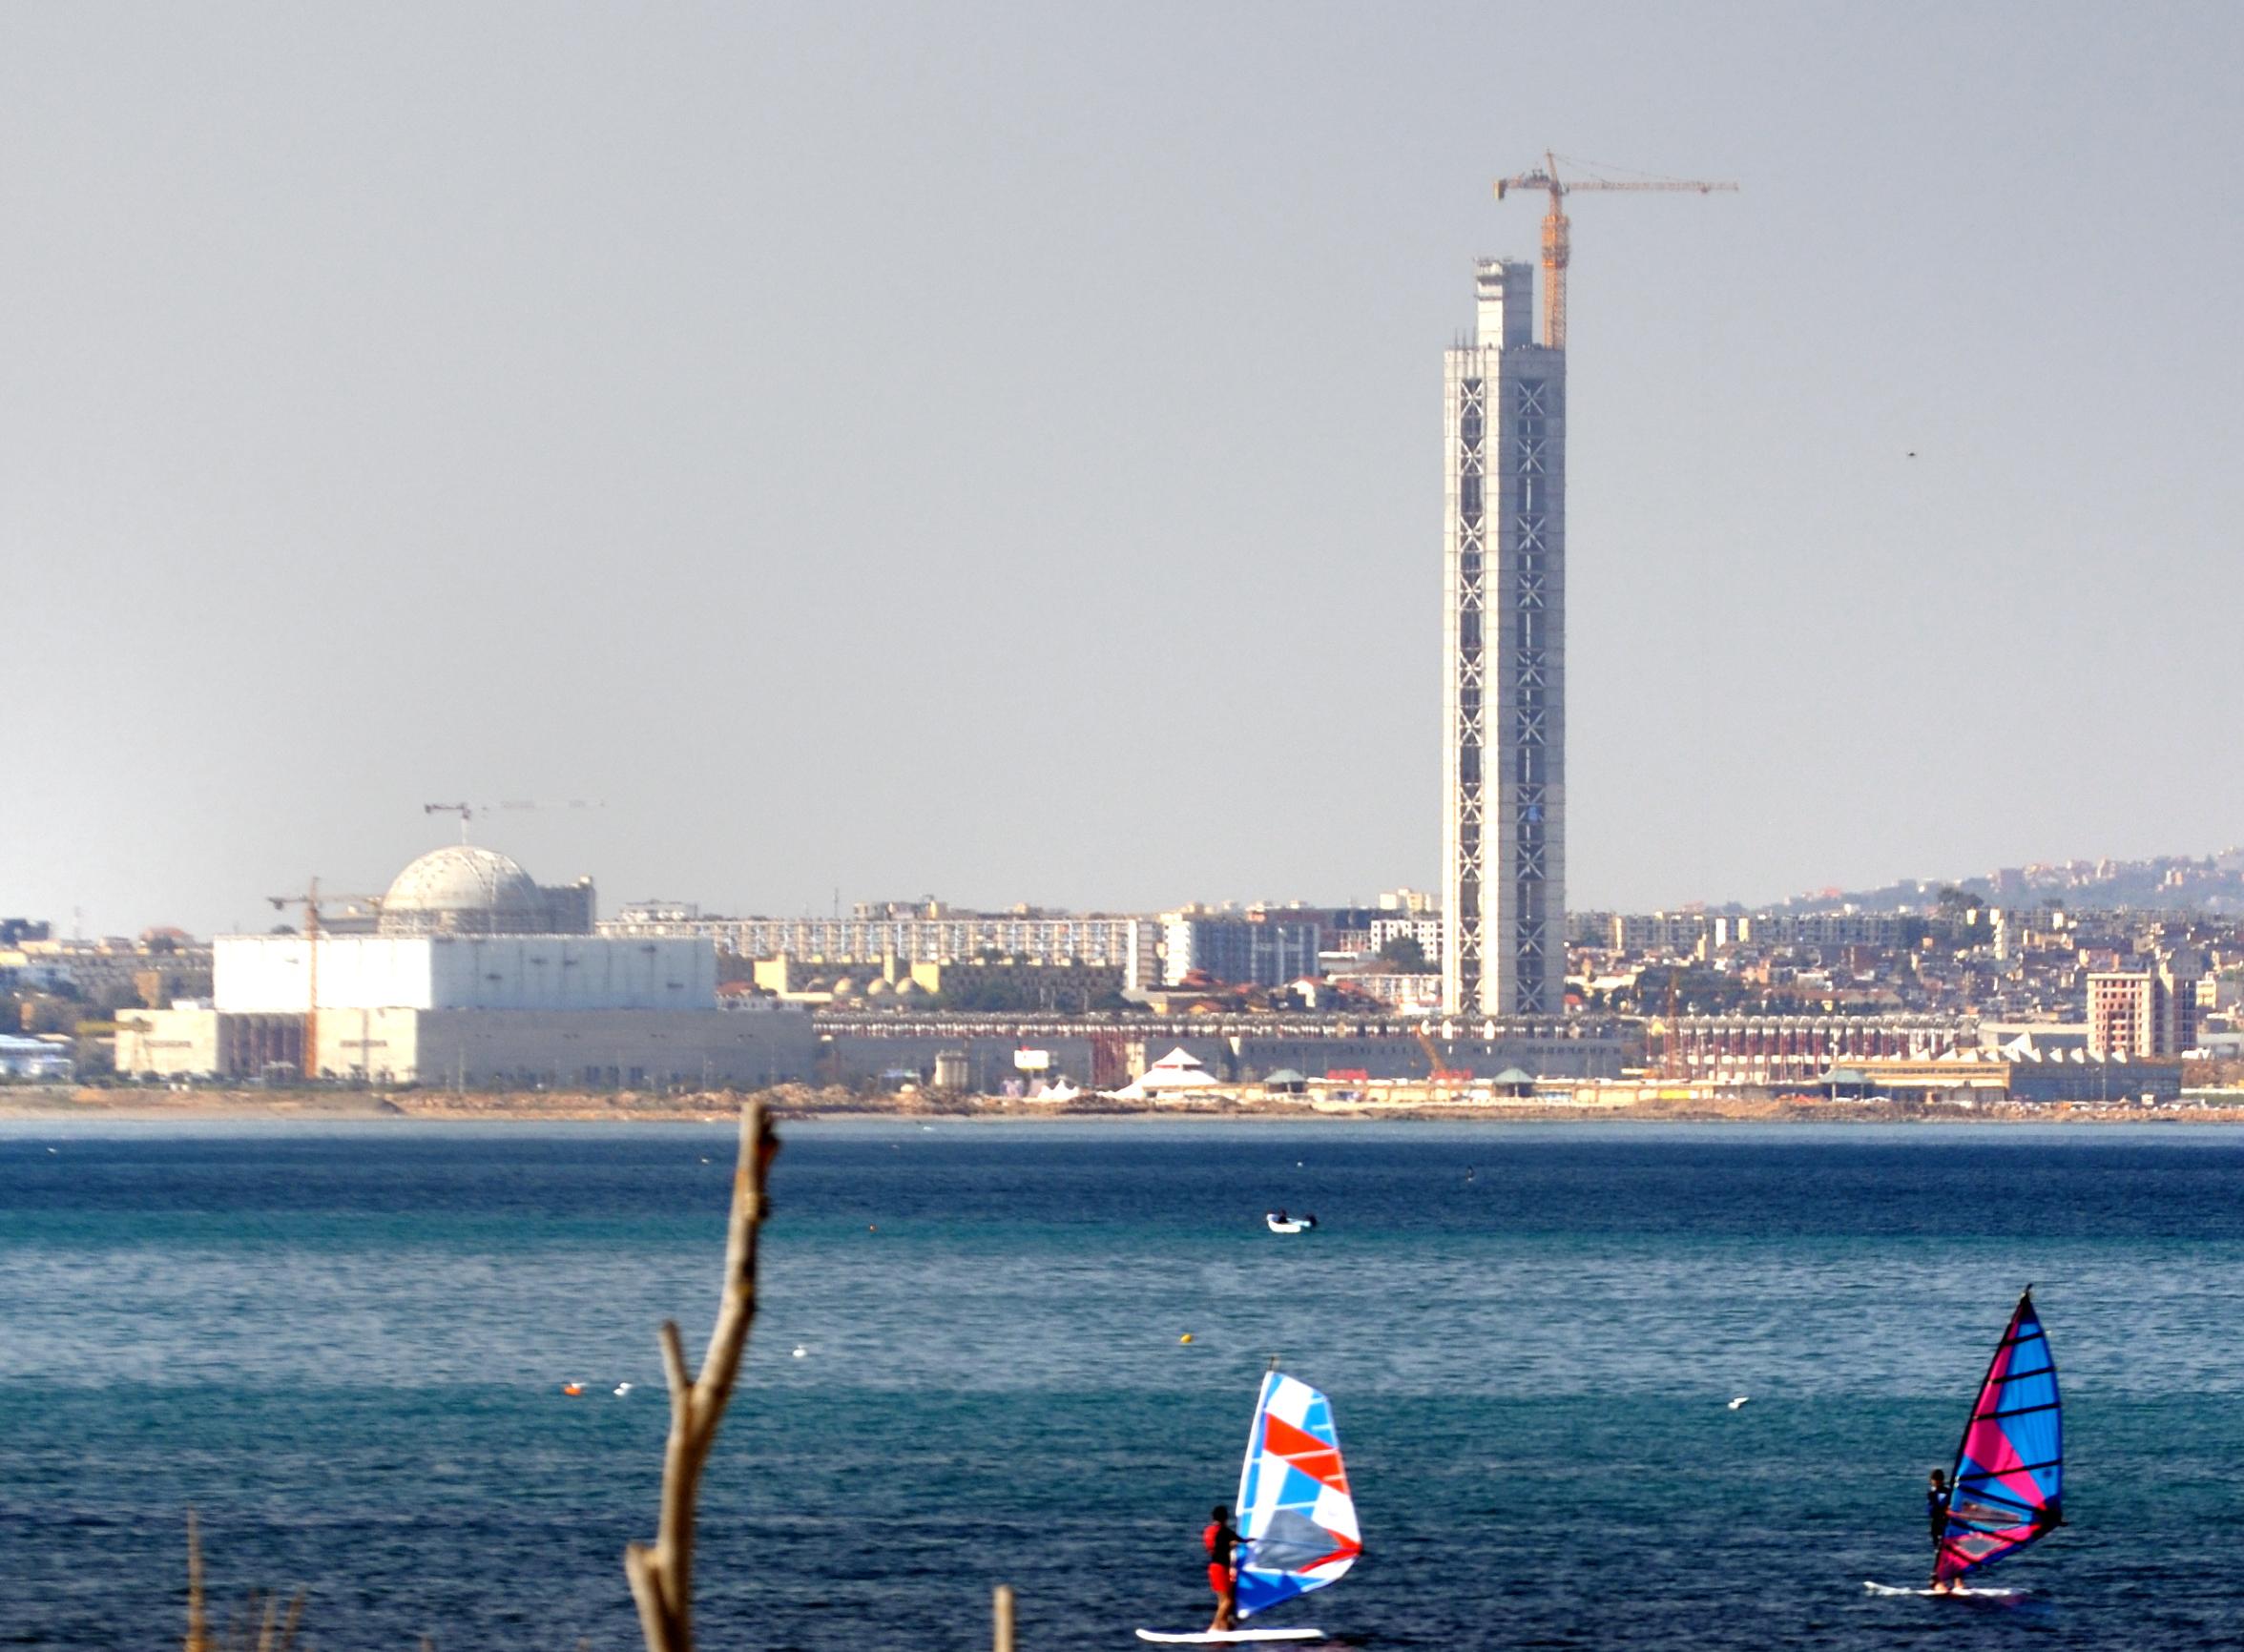 مشروع جامع الجزائر الأعظم: إعطاء إشارة إنطلاق أشغال الإنجاز - صفحة 19 33489806135_5ce23ec03a_o